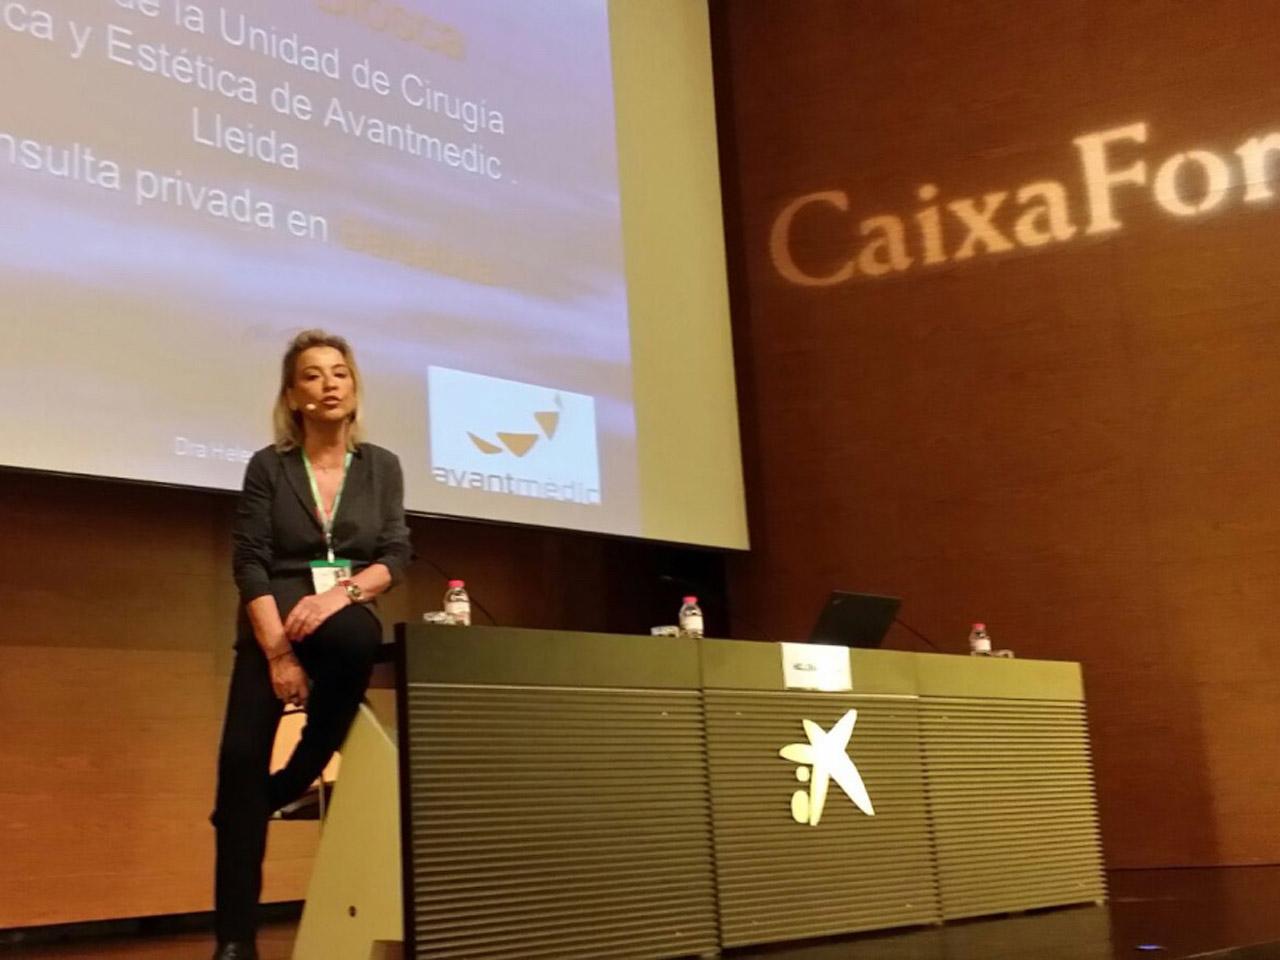 La Dra. Helena Biosca en una conferencia en el Forum Dona Menopausa